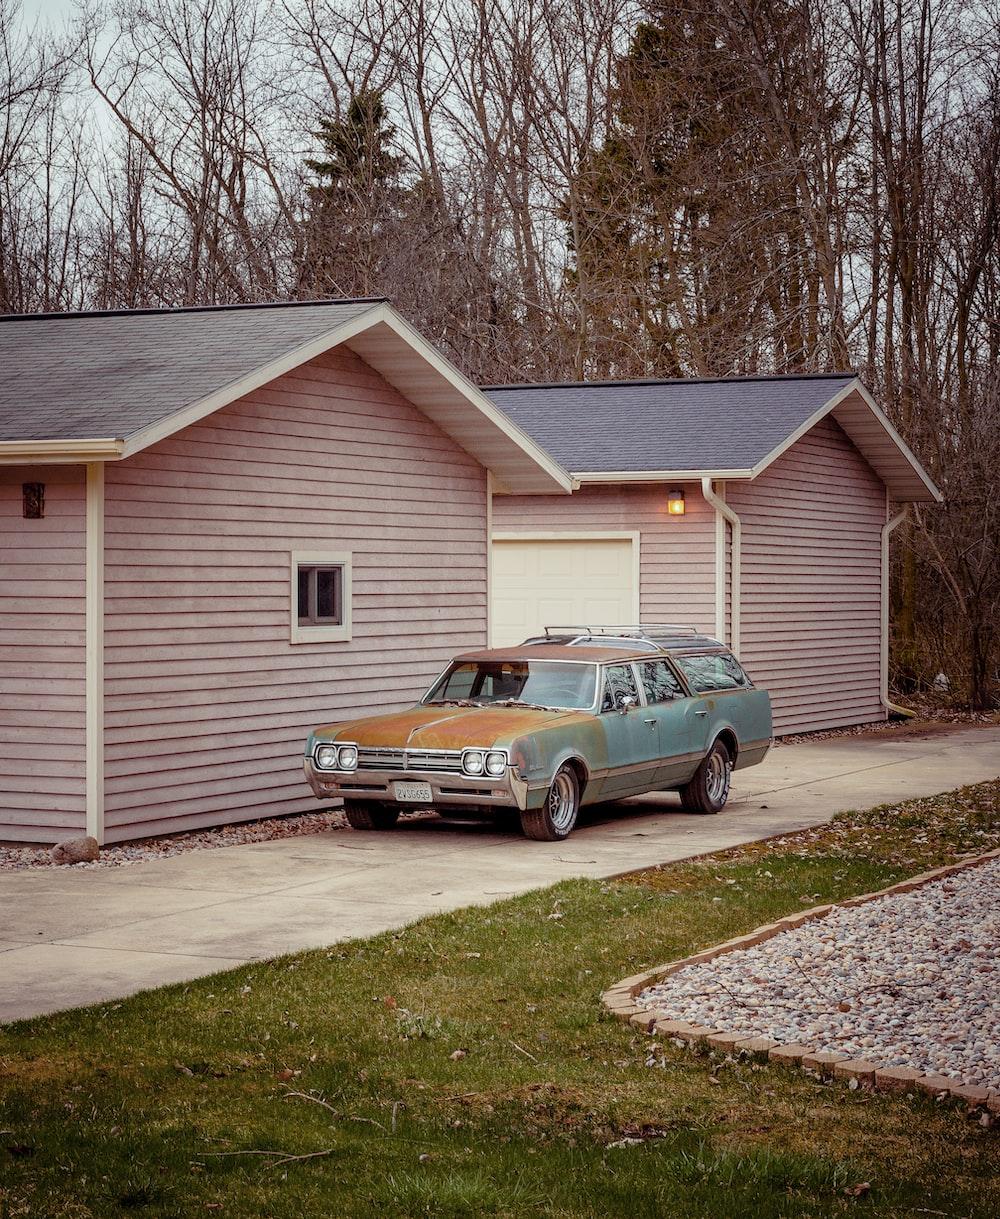 black sedan parked beside white wooden house